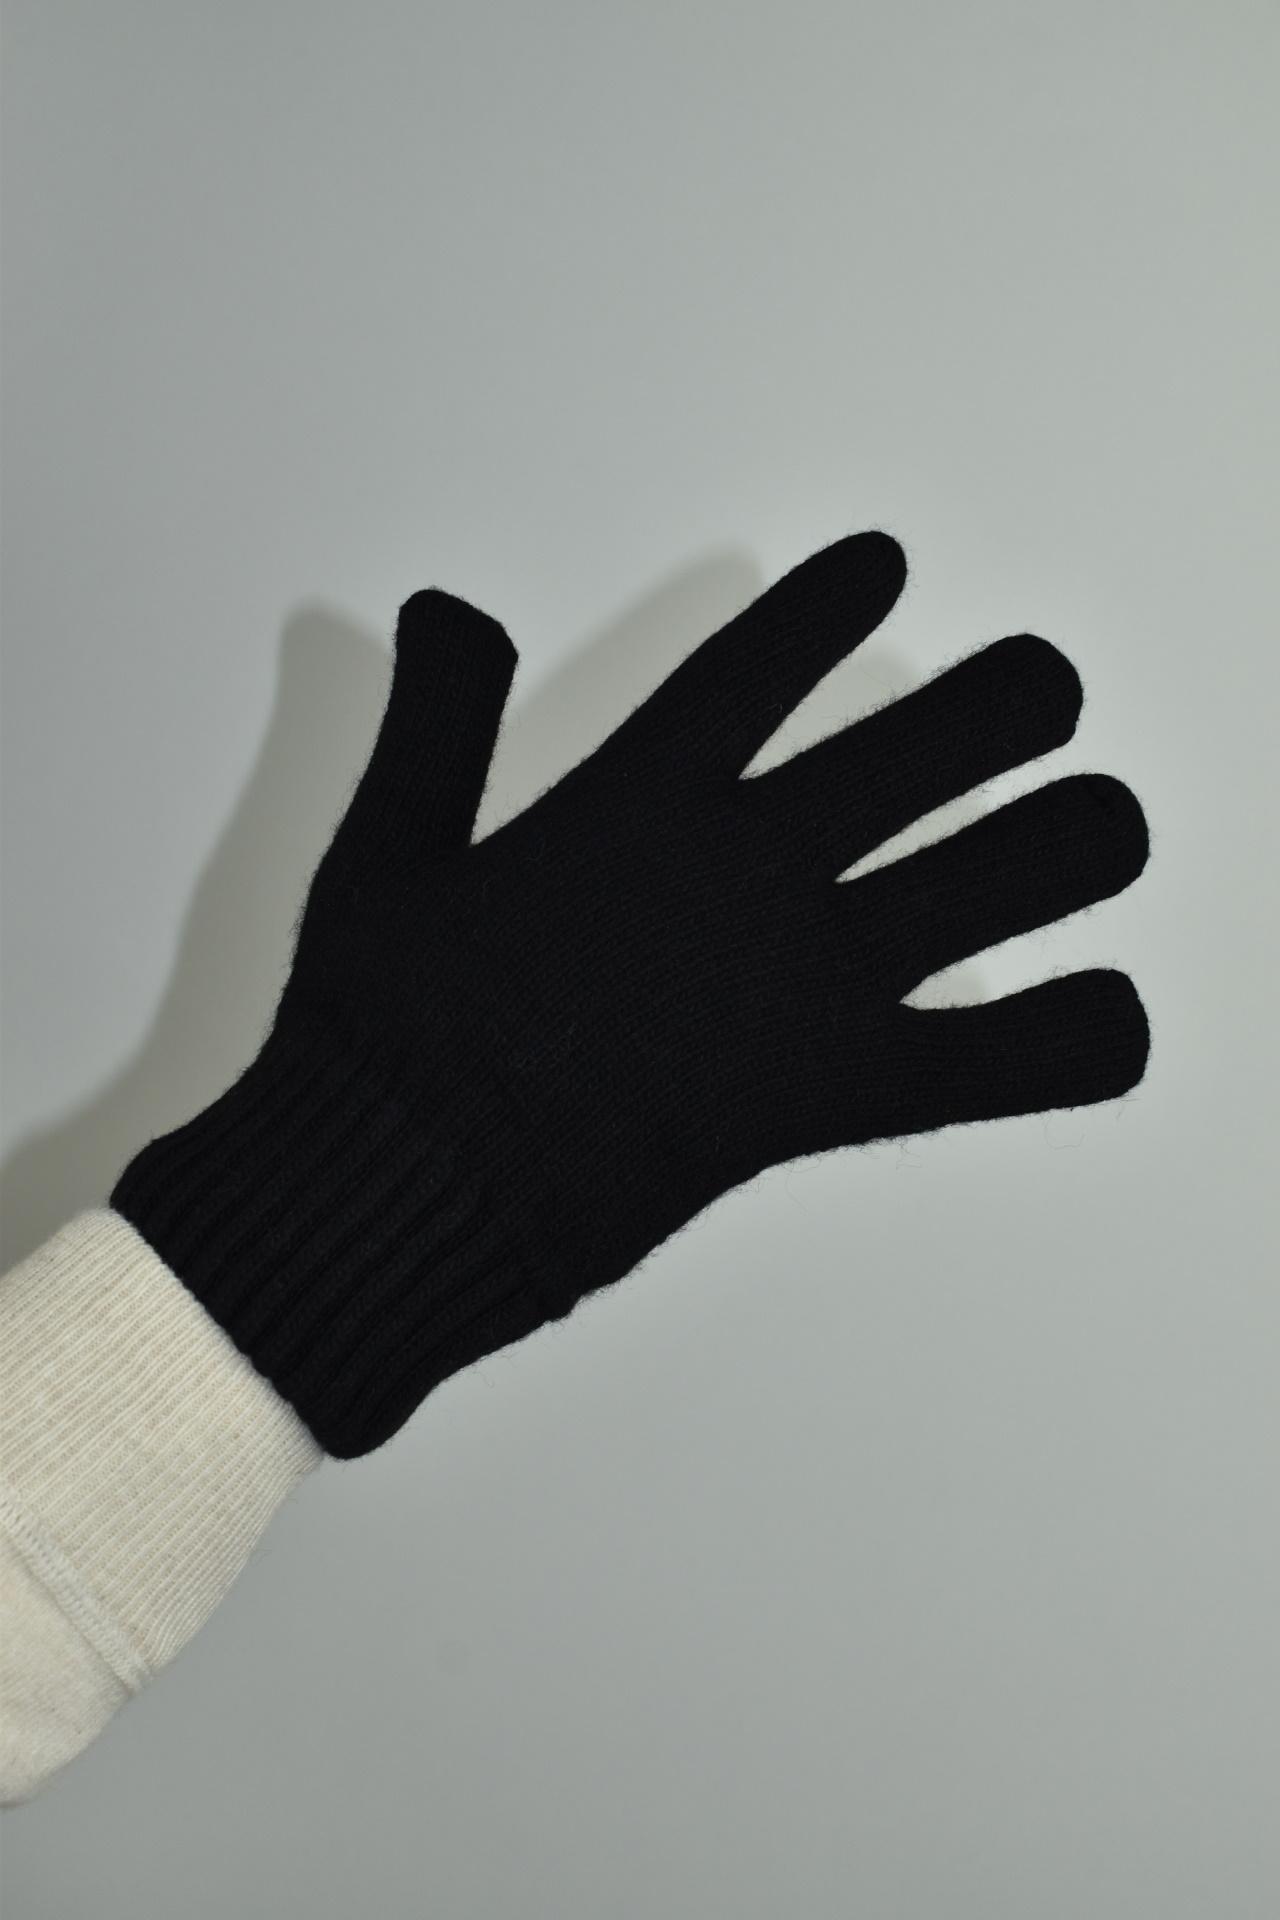 GLOVESDARIO NERO GUANTI UOMO 100 PURO CASHMERE 2 1stAmerican guanti 100% puro cashmere da uomo Made in Italy - caldi guanti invernali